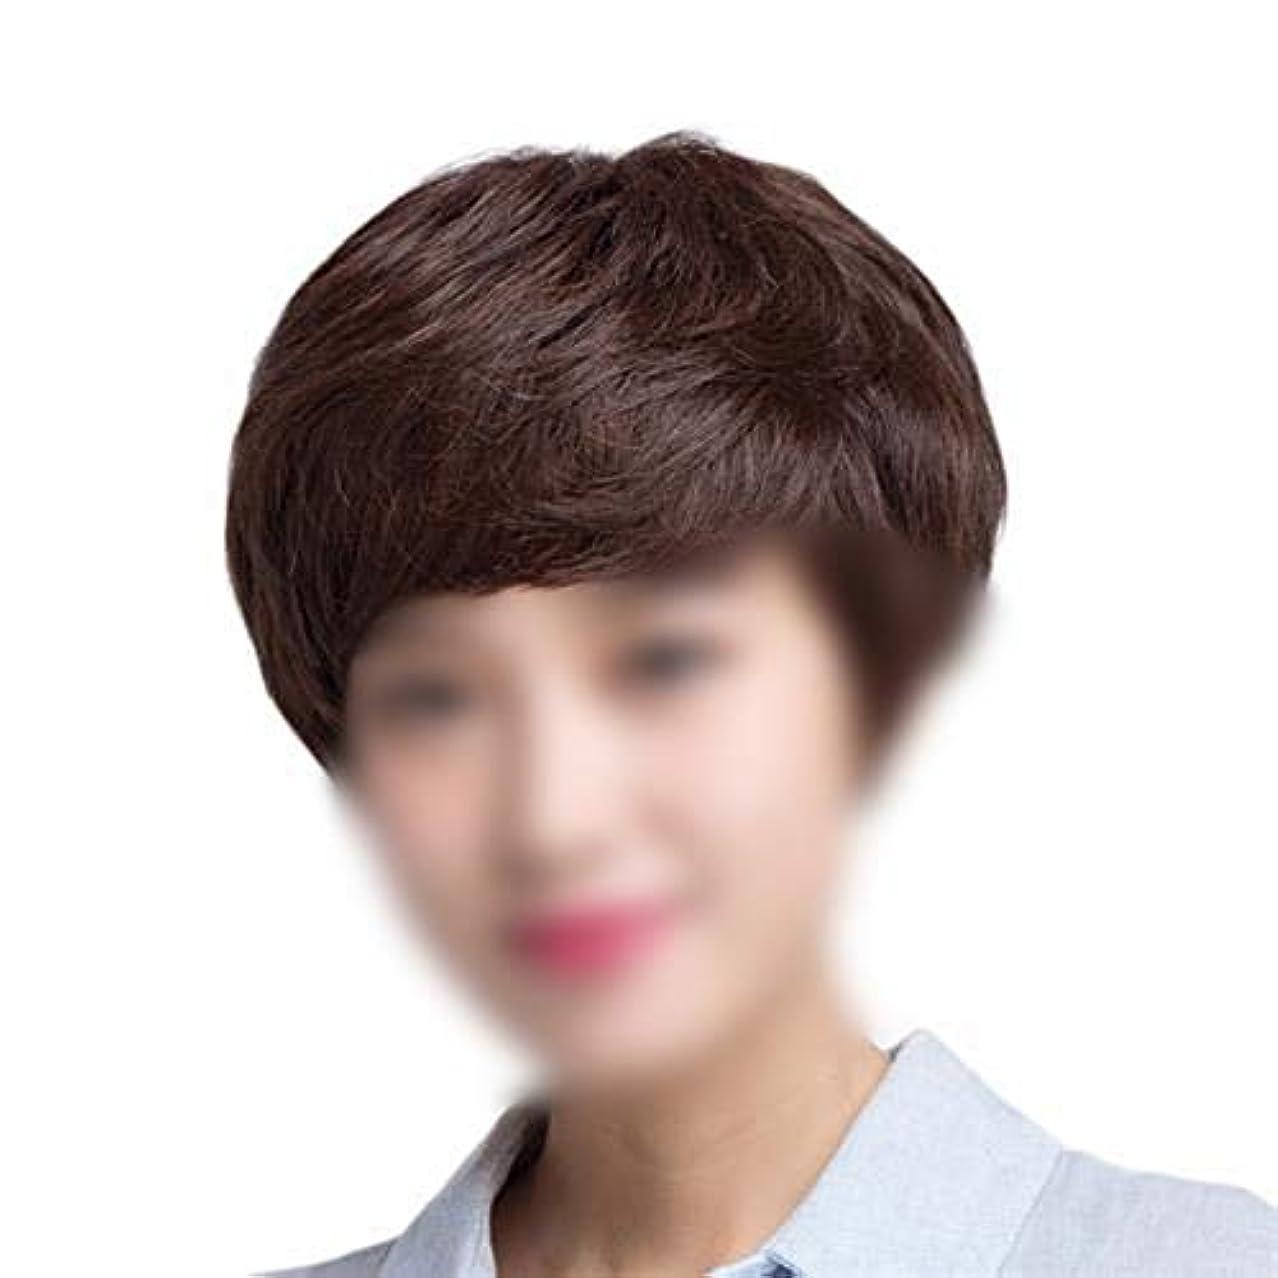 書誌ロール抑圧者YOUQIU 前髪自然現実的なかつらウィッグとの完全なハンド織実髪レディースショートカーリーヘア (色 : Natural black)